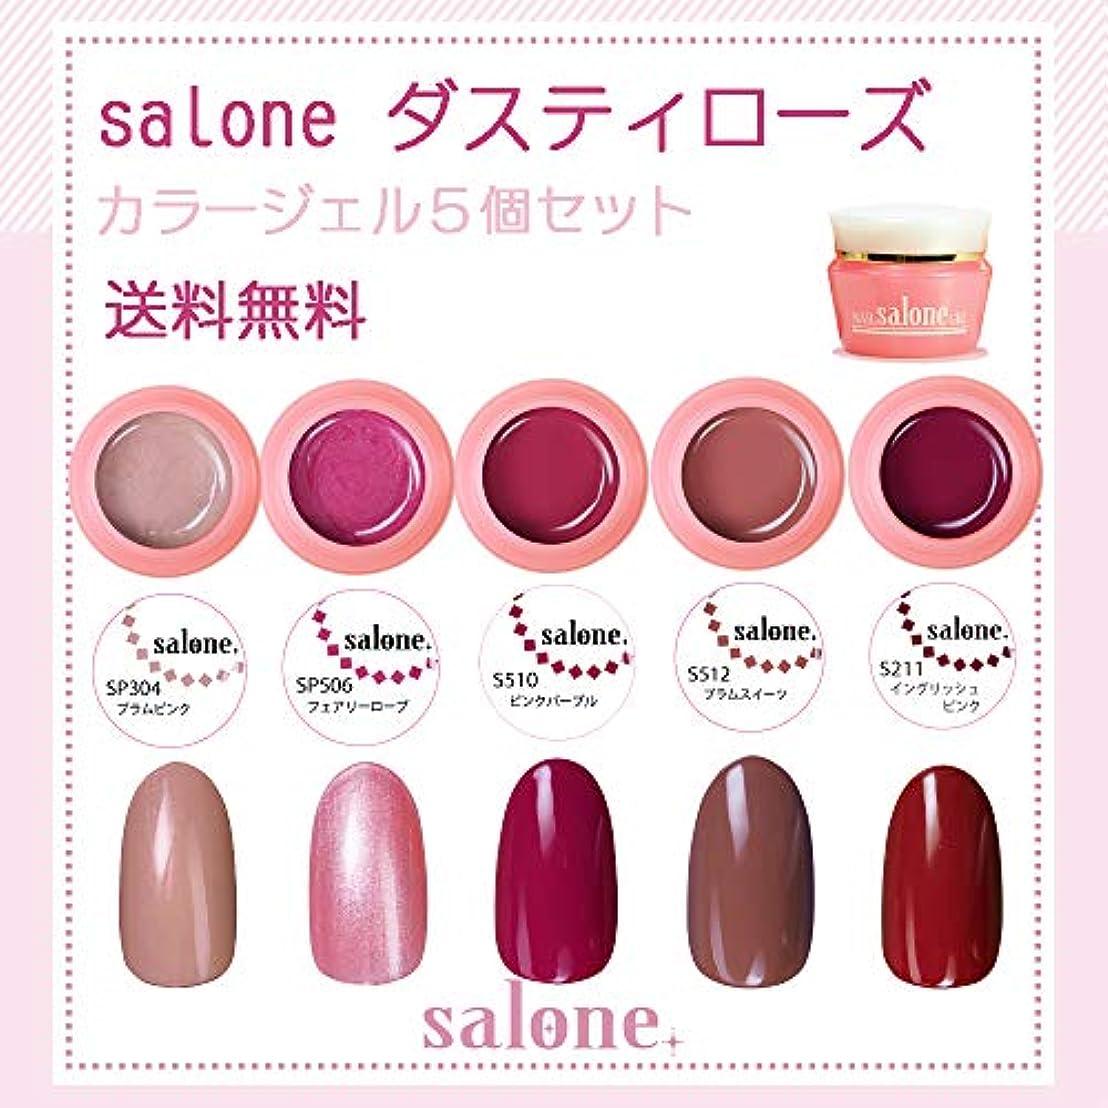 犠牲低下有能な【送料無料 日本製】Salone ダスティローズ カラージェル5個セット ネイルのマストカラーのローズ系カラー